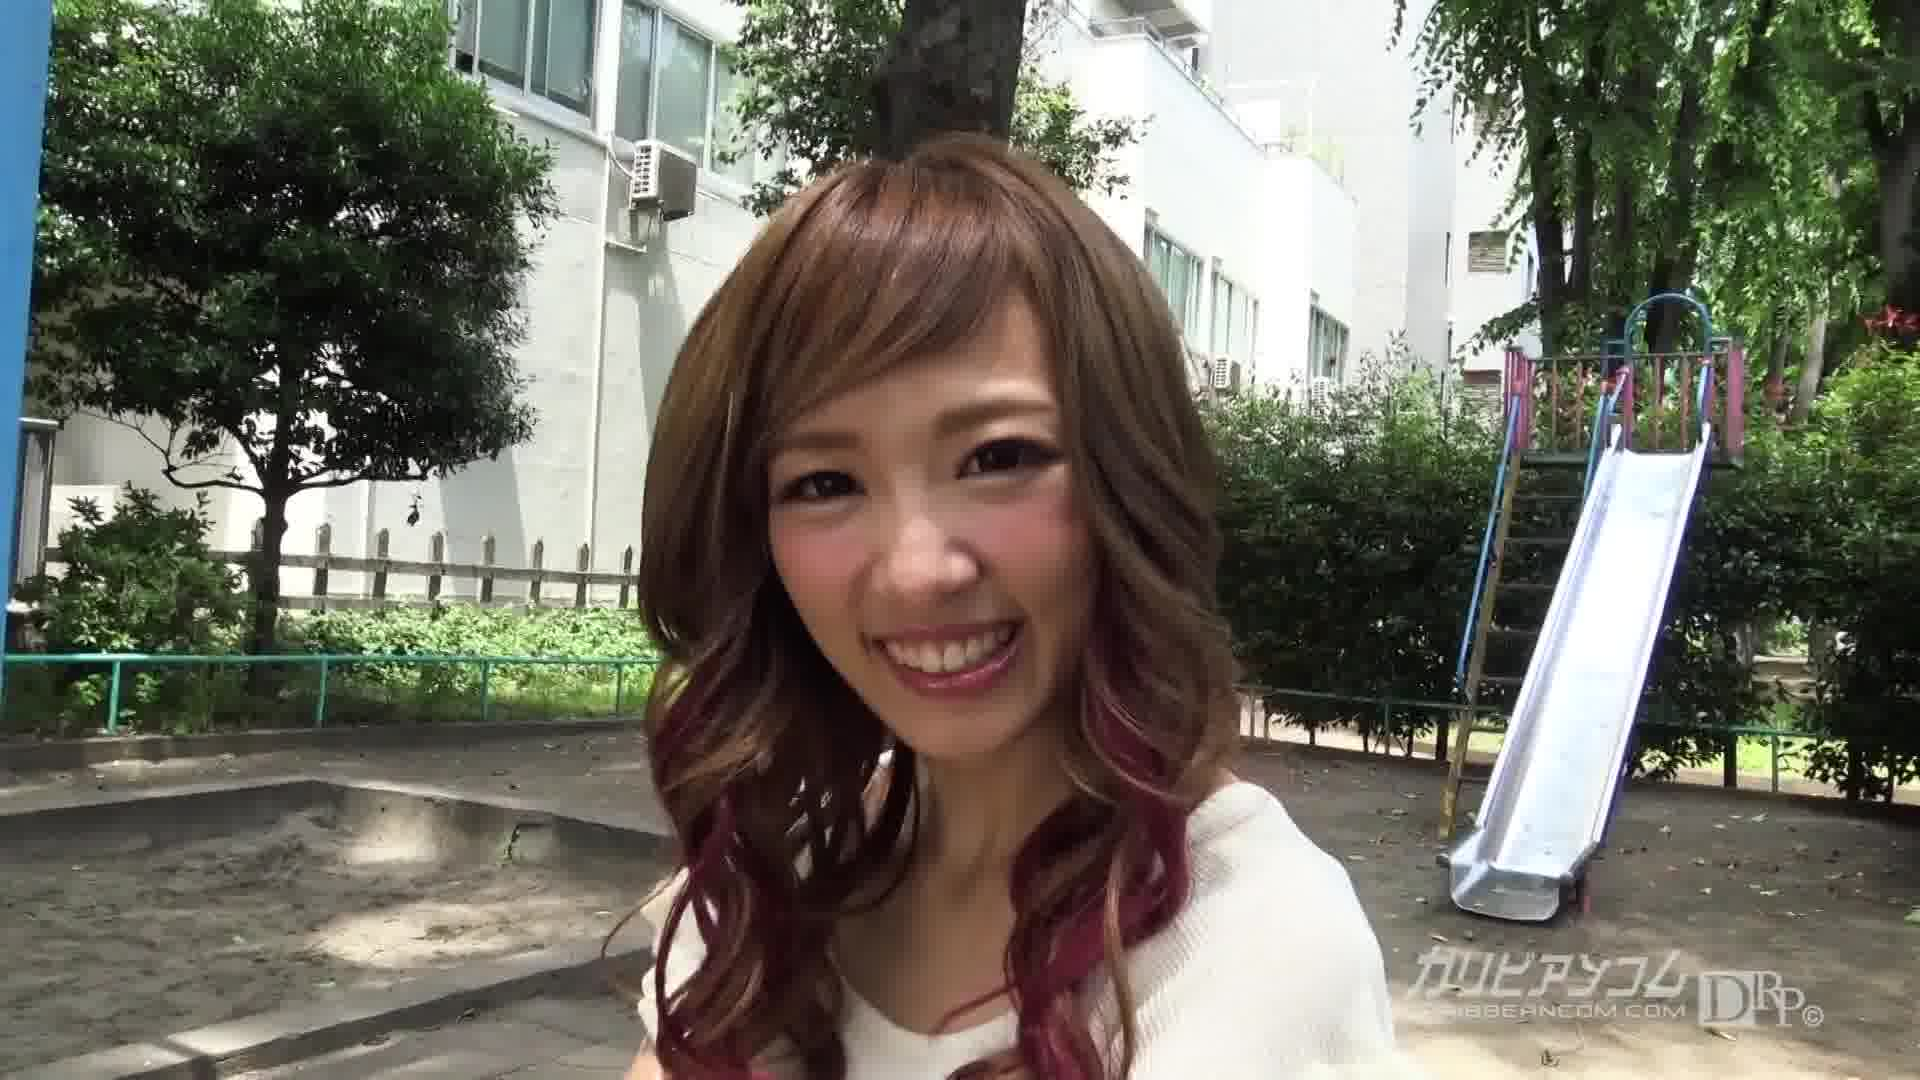 女熱大陸 File.054 - 目々澤めぐ【コスプレ・スレンダー・美乳】